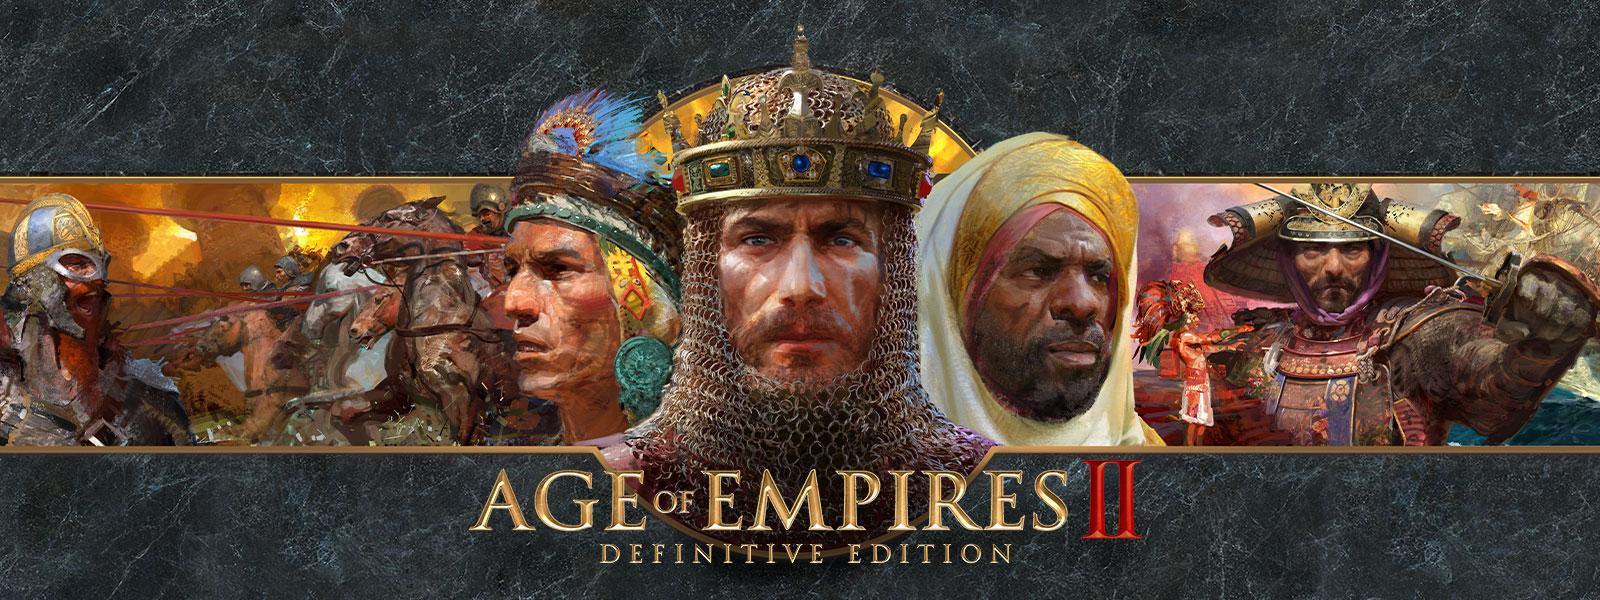 Age of Empires II: Definitive Edition-Logo vor grauem Schiefer mit Kriegsführern und ihren Armeen